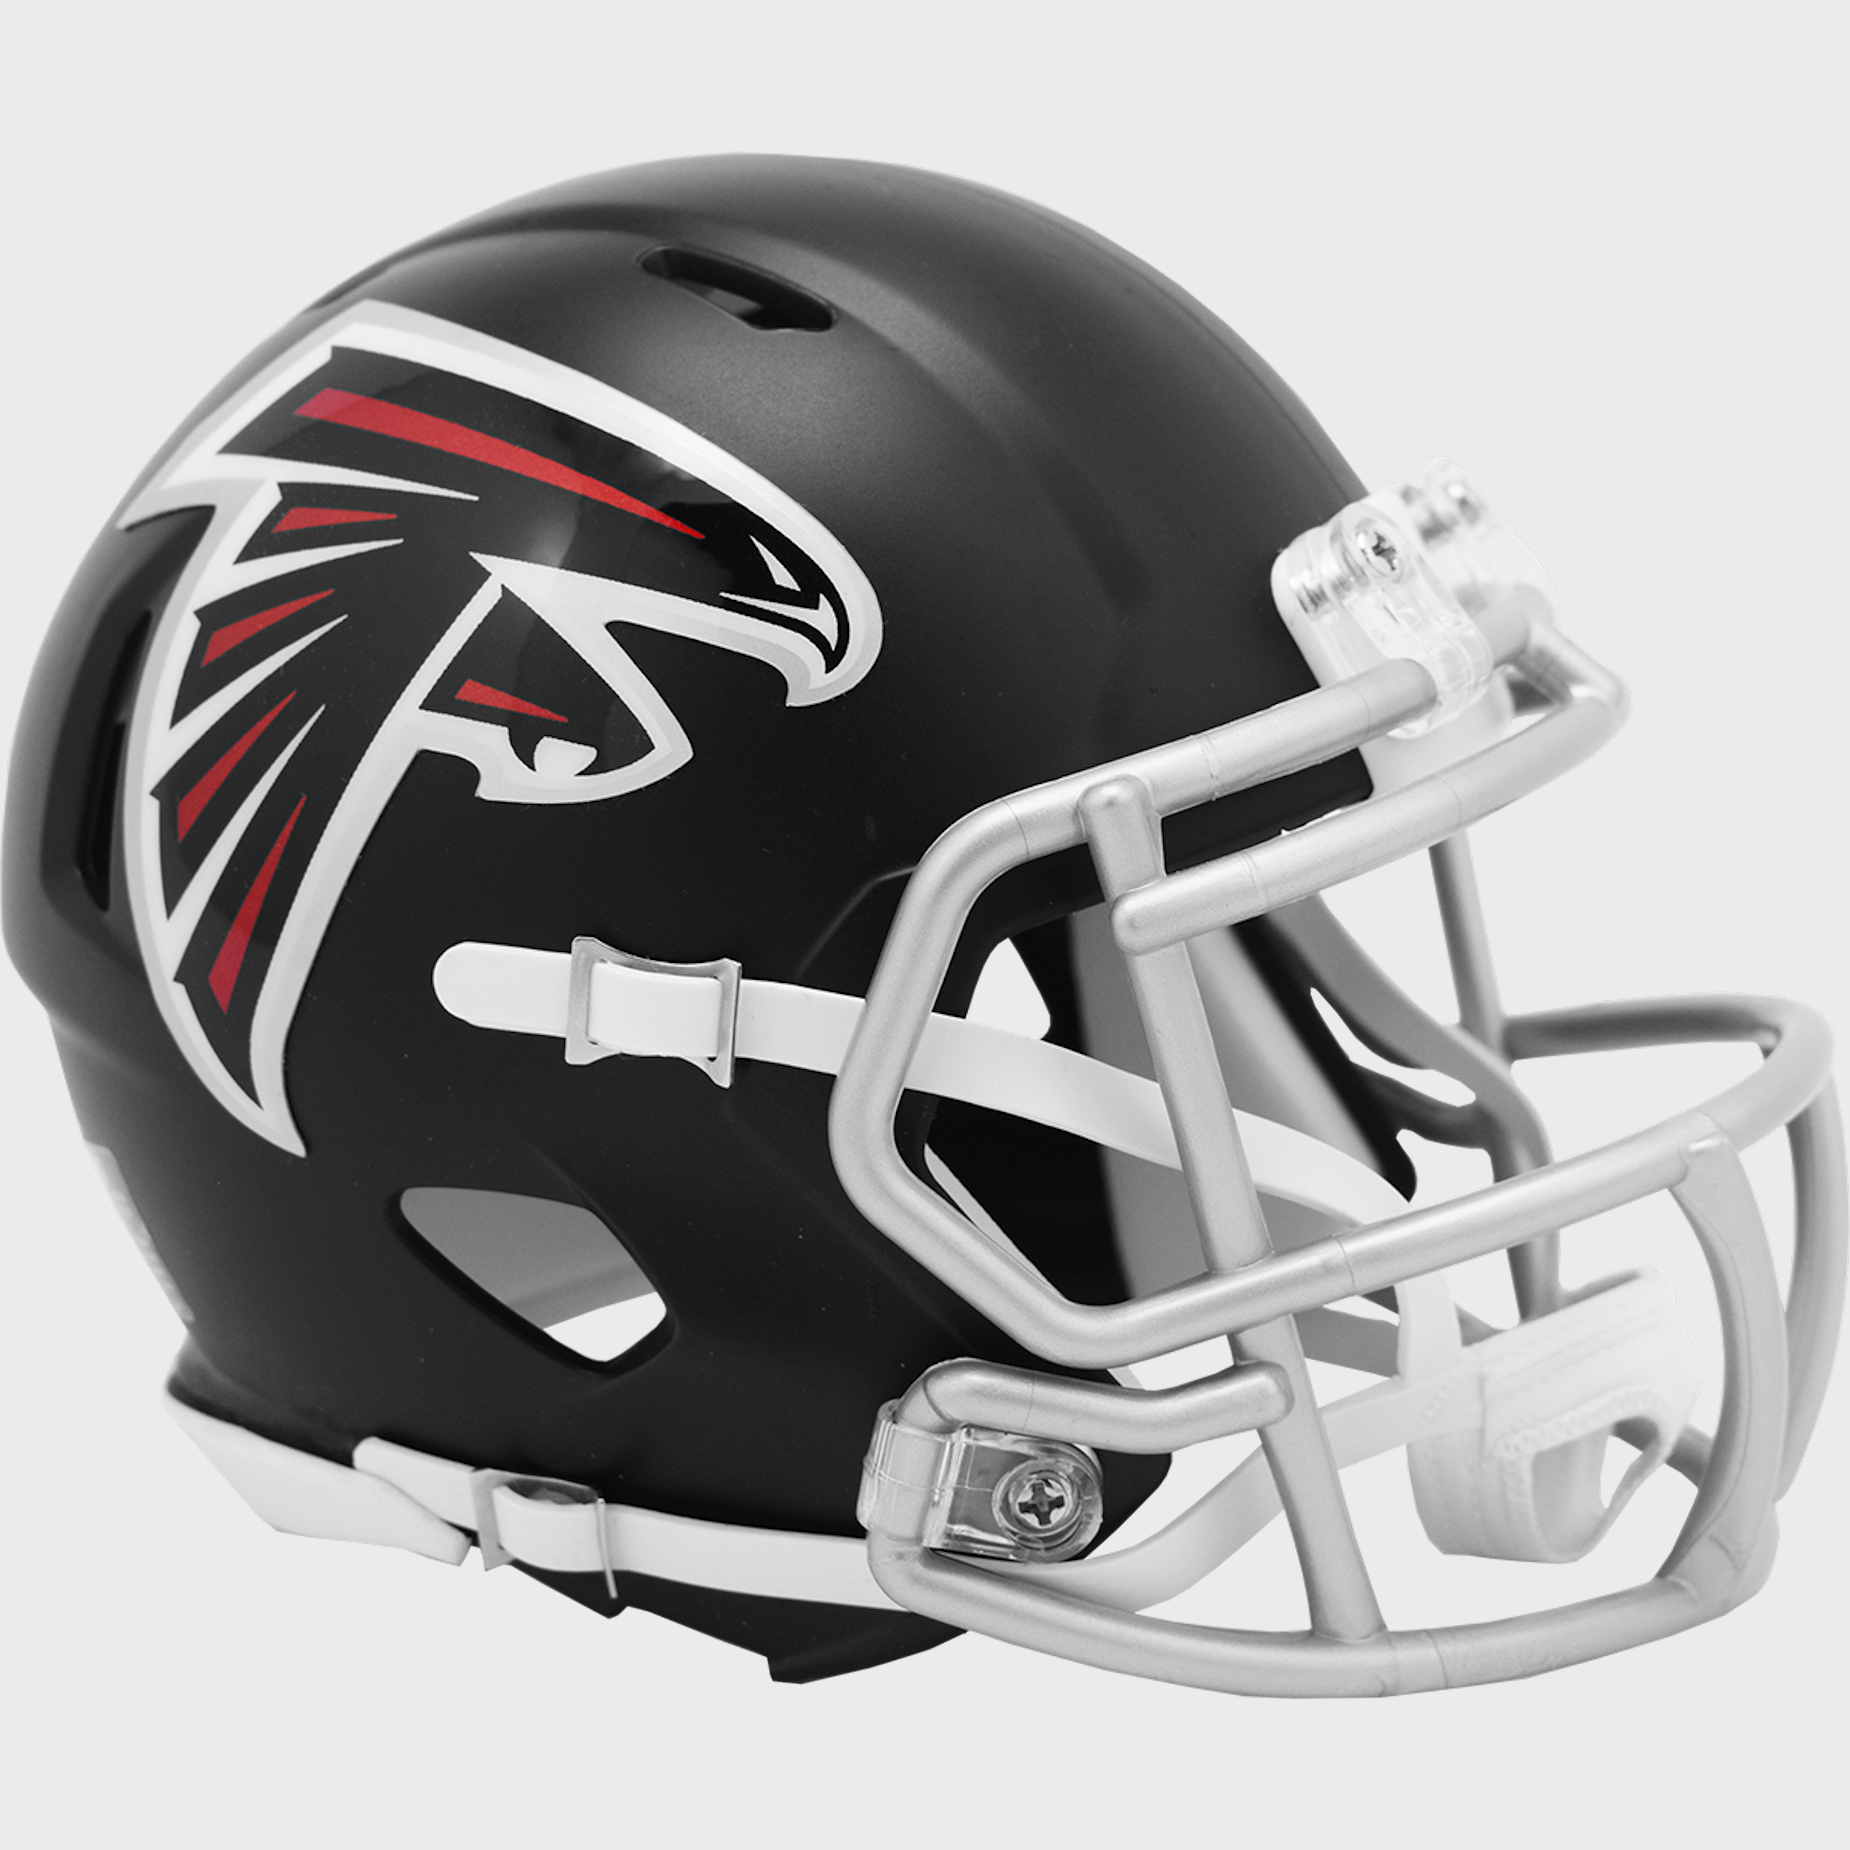 Atlanta Falcons NFL Mini Speed Football Helmet <B>NEW 2020</B>